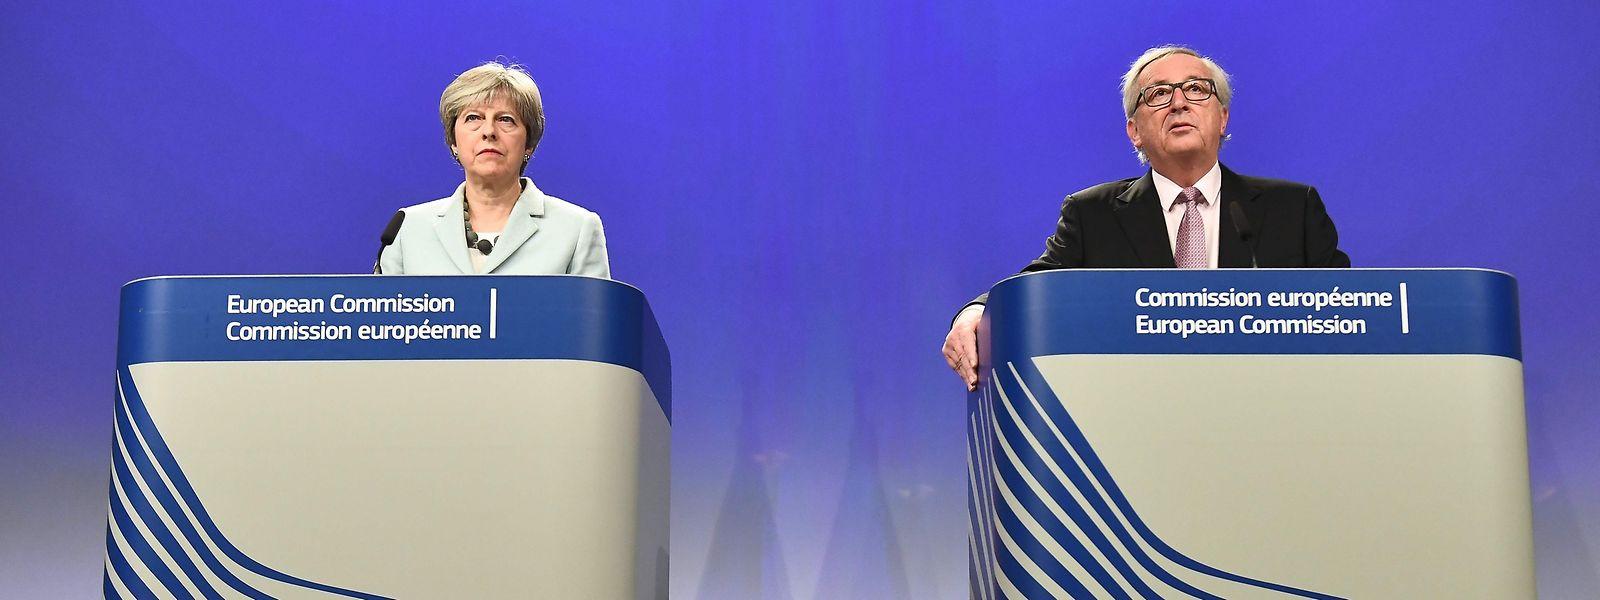 Der Graben wird kleiner: Theresa May (l.) und Jean-Claude Juncker bei einer Pressekonferenz zum Stand der Verhandlungen.